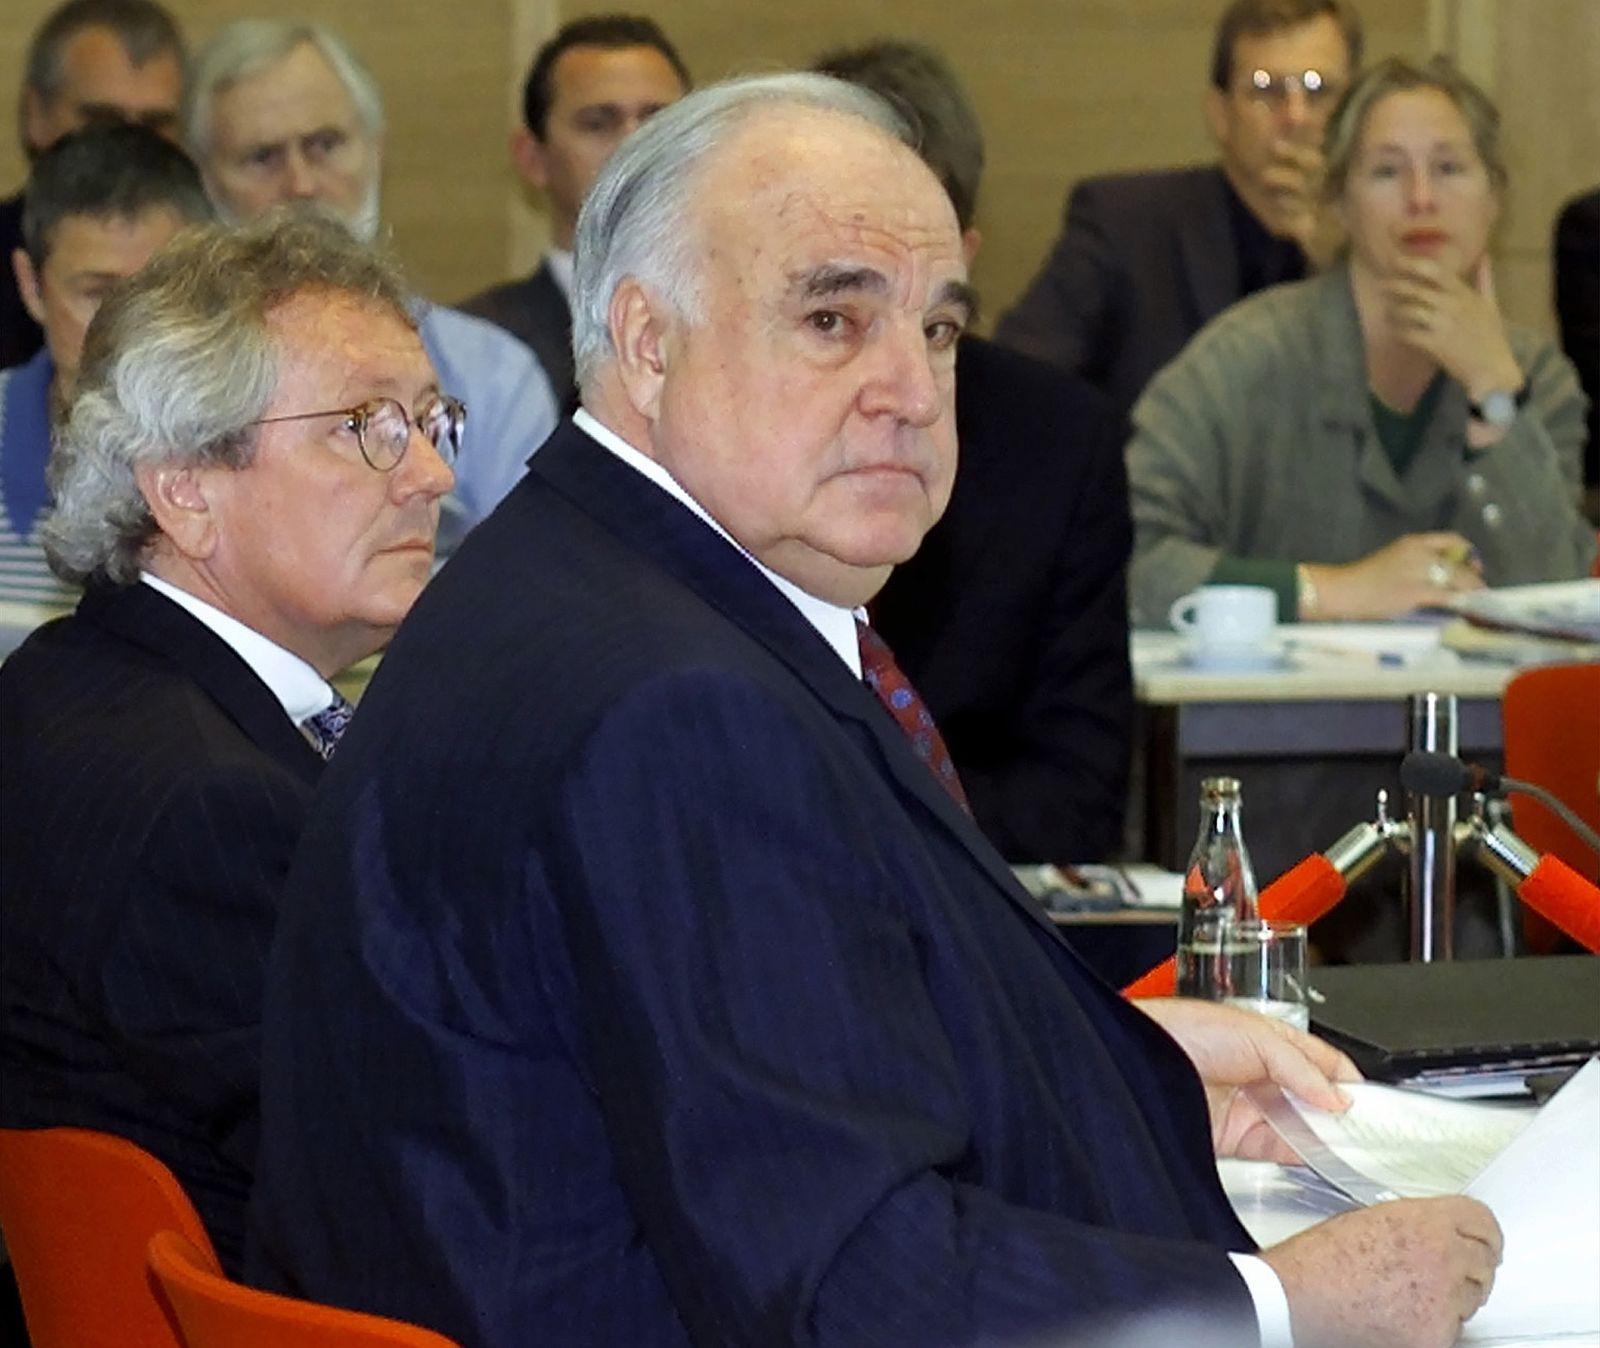 Helmut Kohl / Untersuchungsausschuss